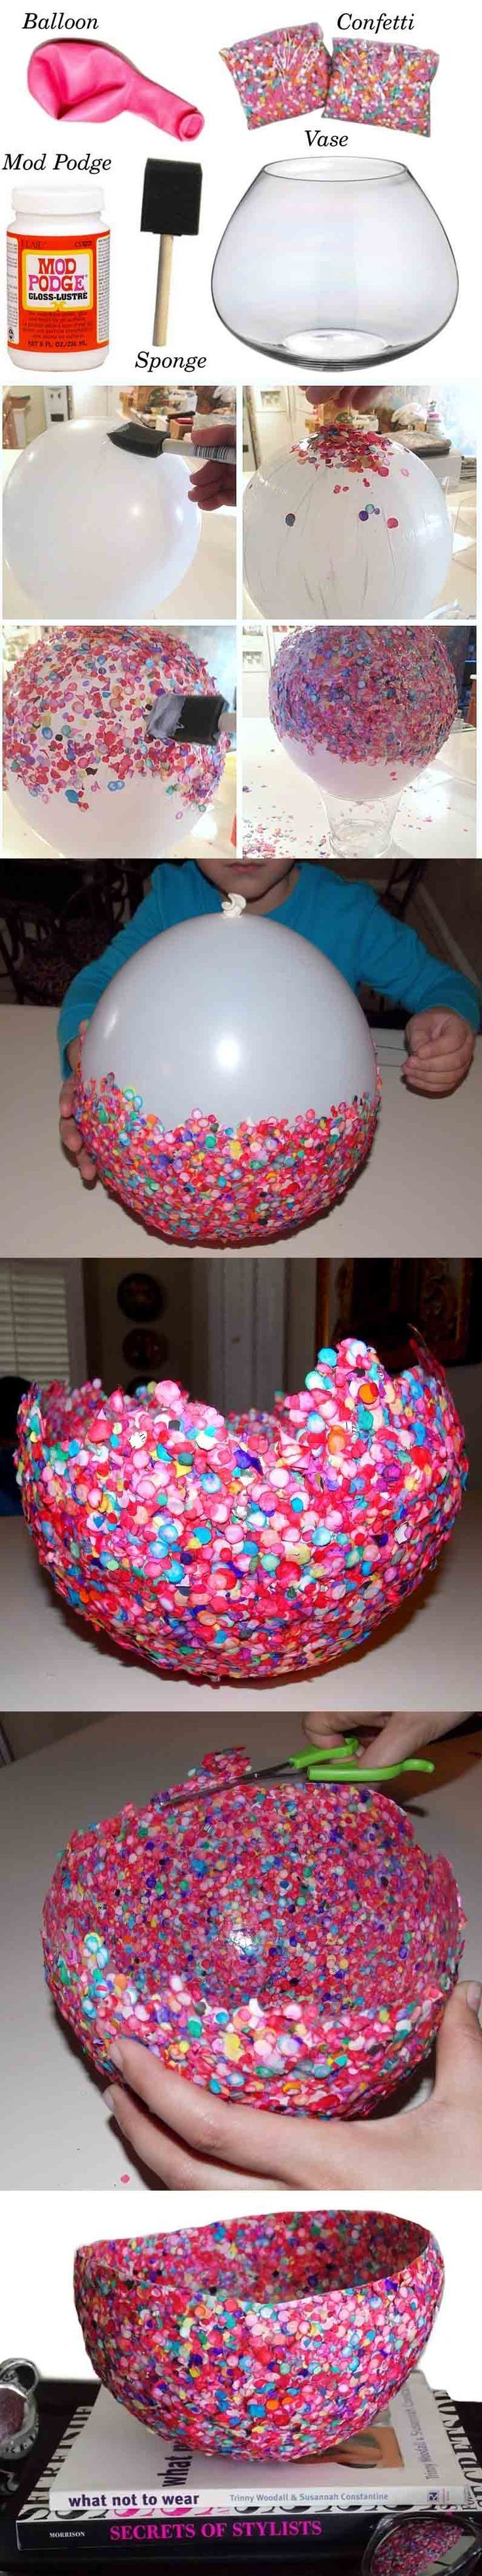 Connaissez-vous tous ce truc pour la confection d'un vase en confettis? À faire soi-même.